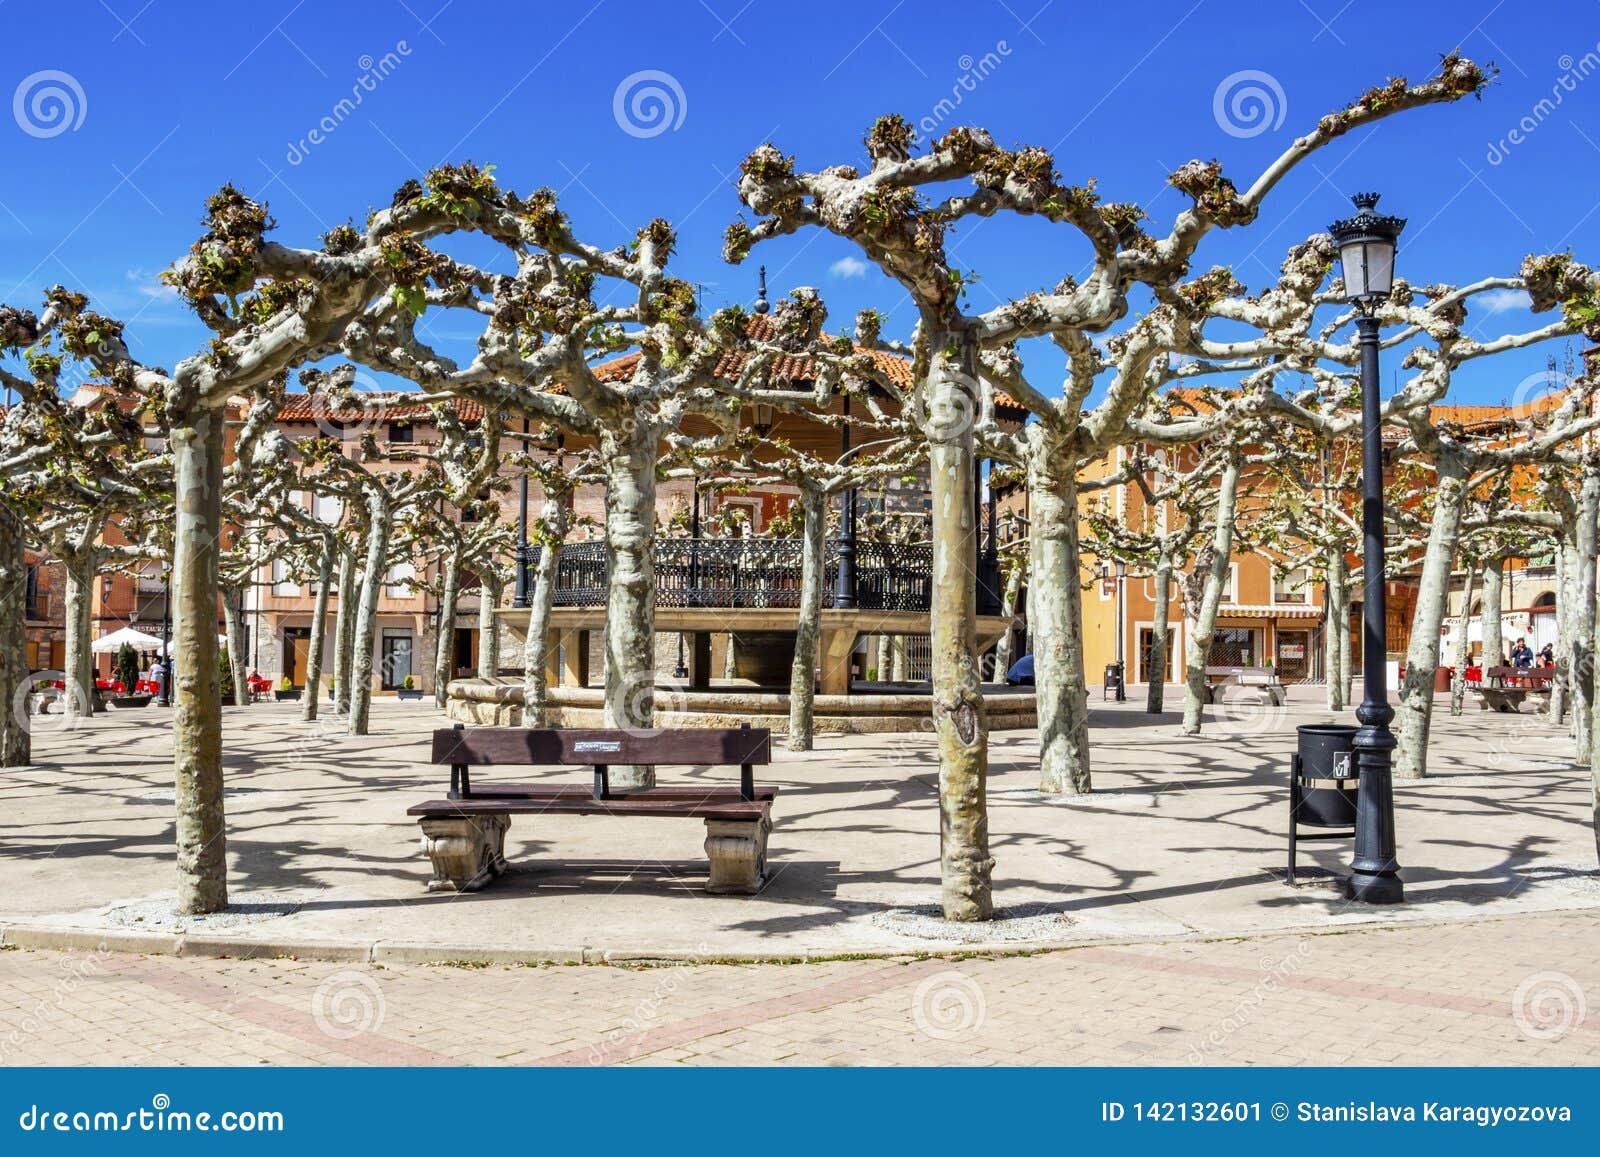 Мэр или главная площадь площади в Belorado, Бургосе, Кастилии y Леон, Испании